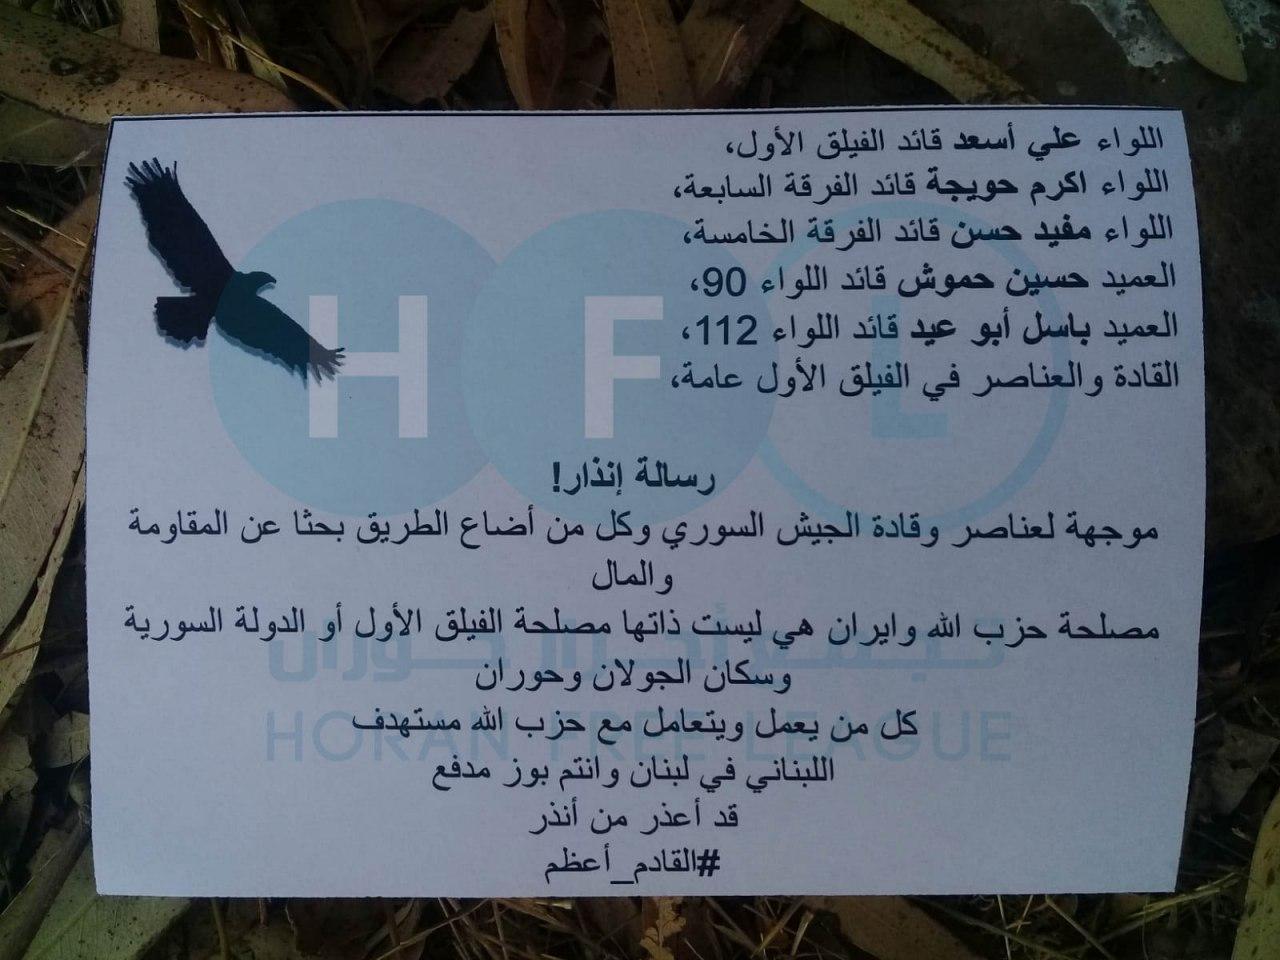 رسالة إسرائيلية لنظام الأسد